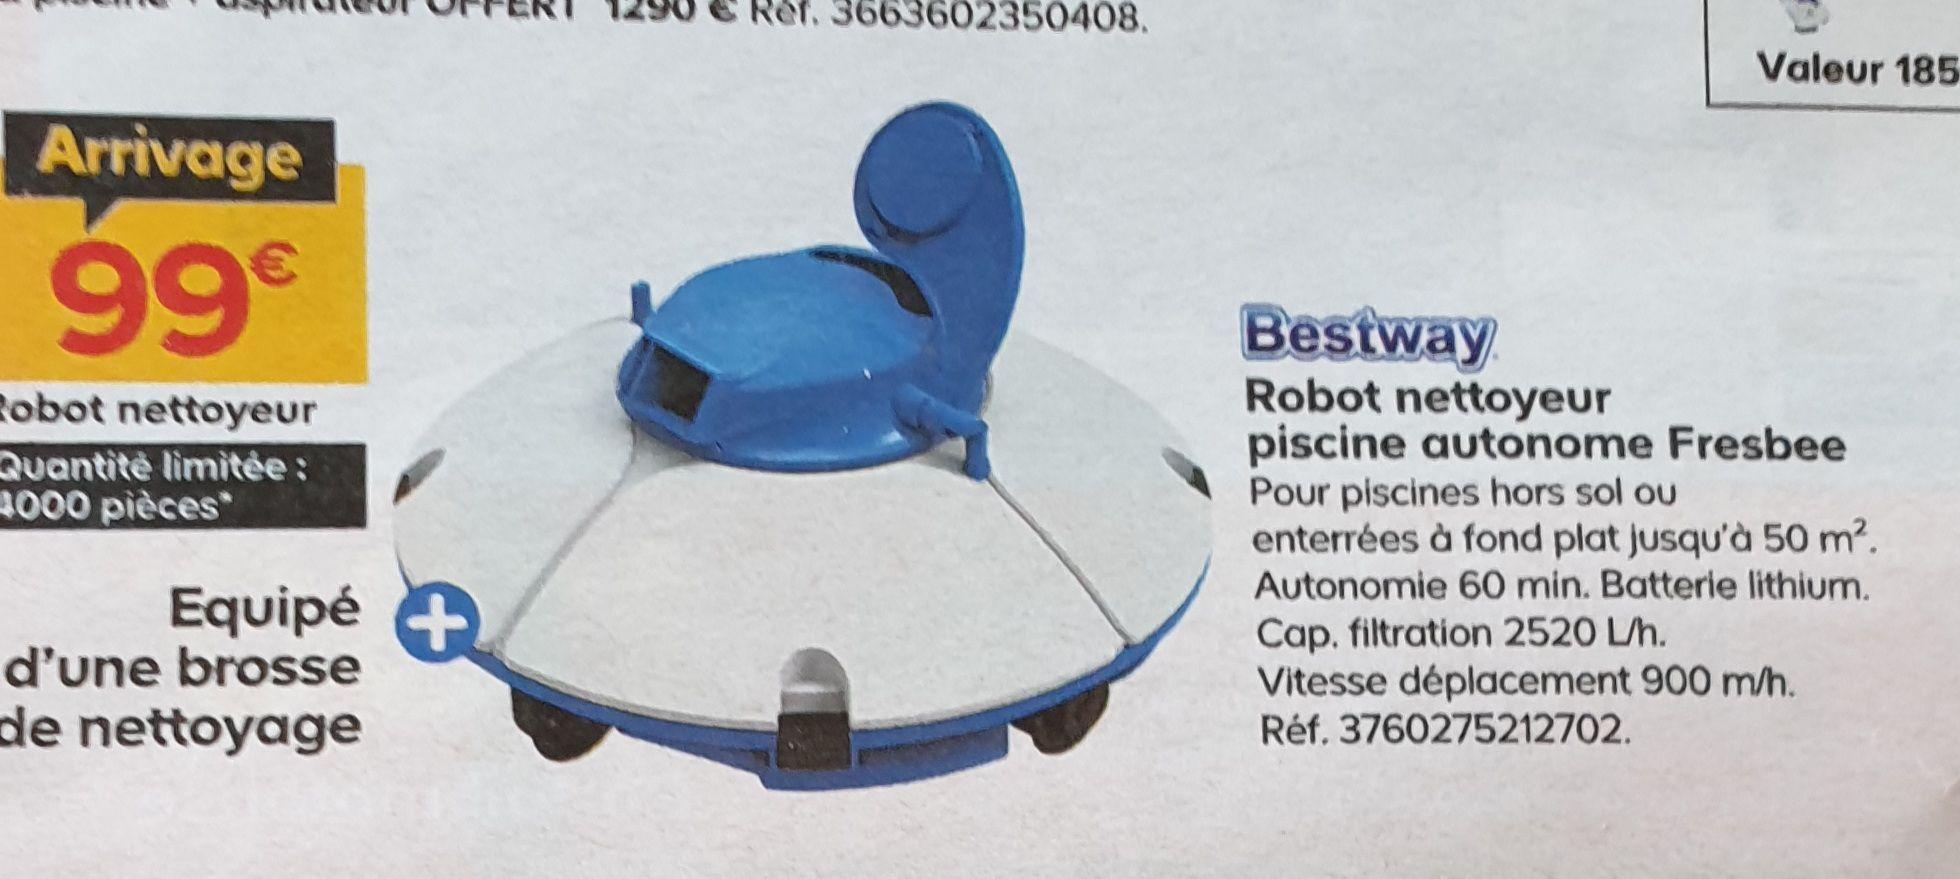 Robot nettoyeur piscine Bestway Fresbee - 15m²